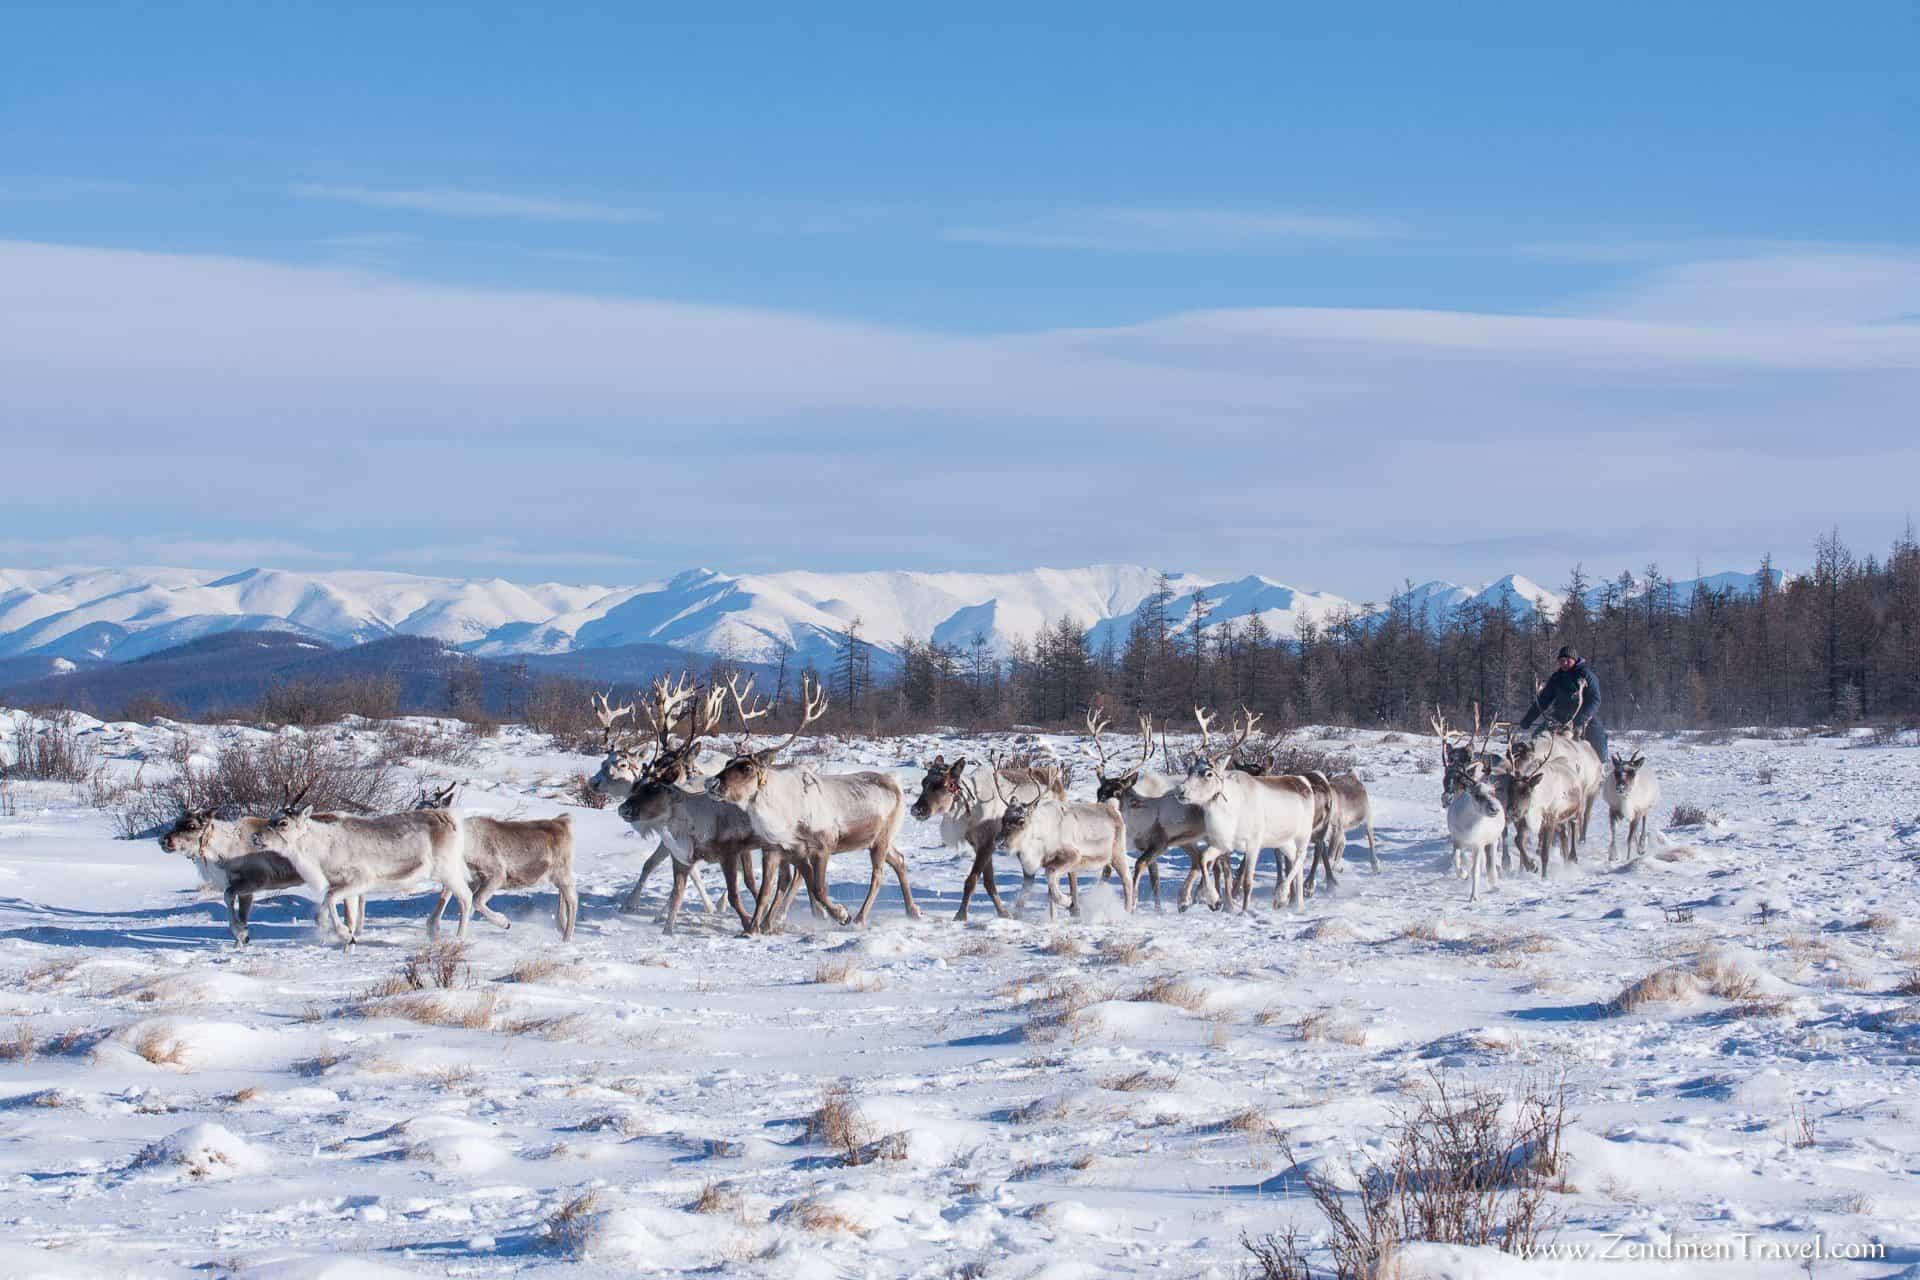 Young Reindeer Herder